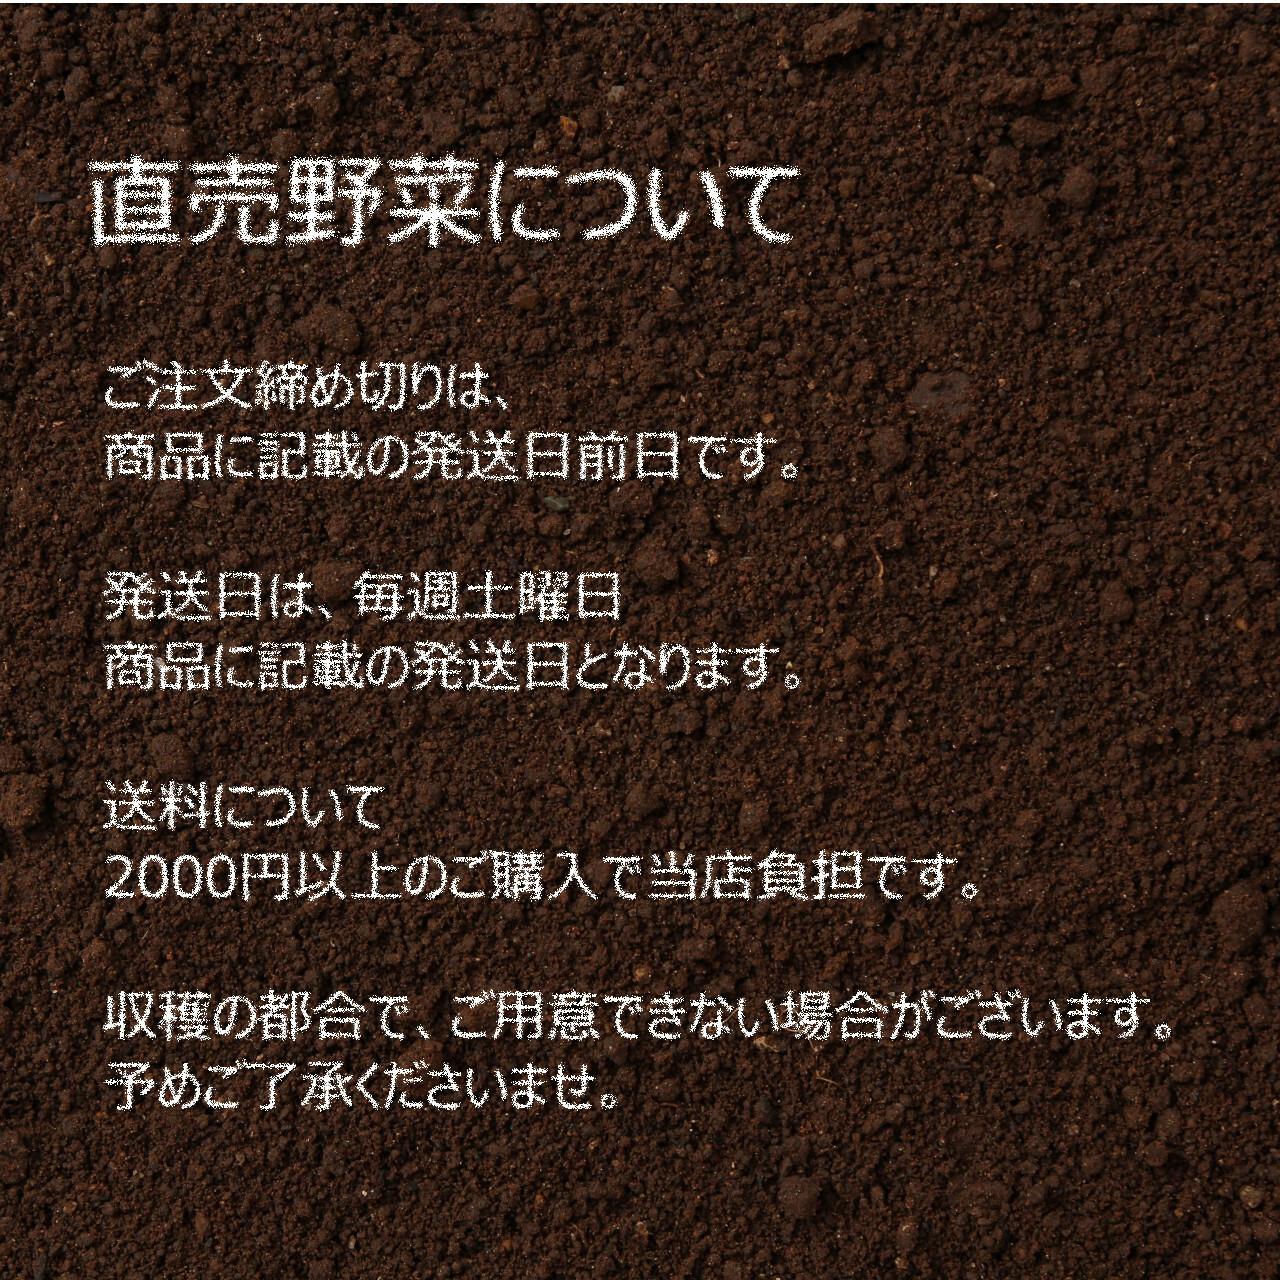 6月の新鮮野菜 : スナップエンドウ 約300g 朝採り直売野菜  6月29日発送予定